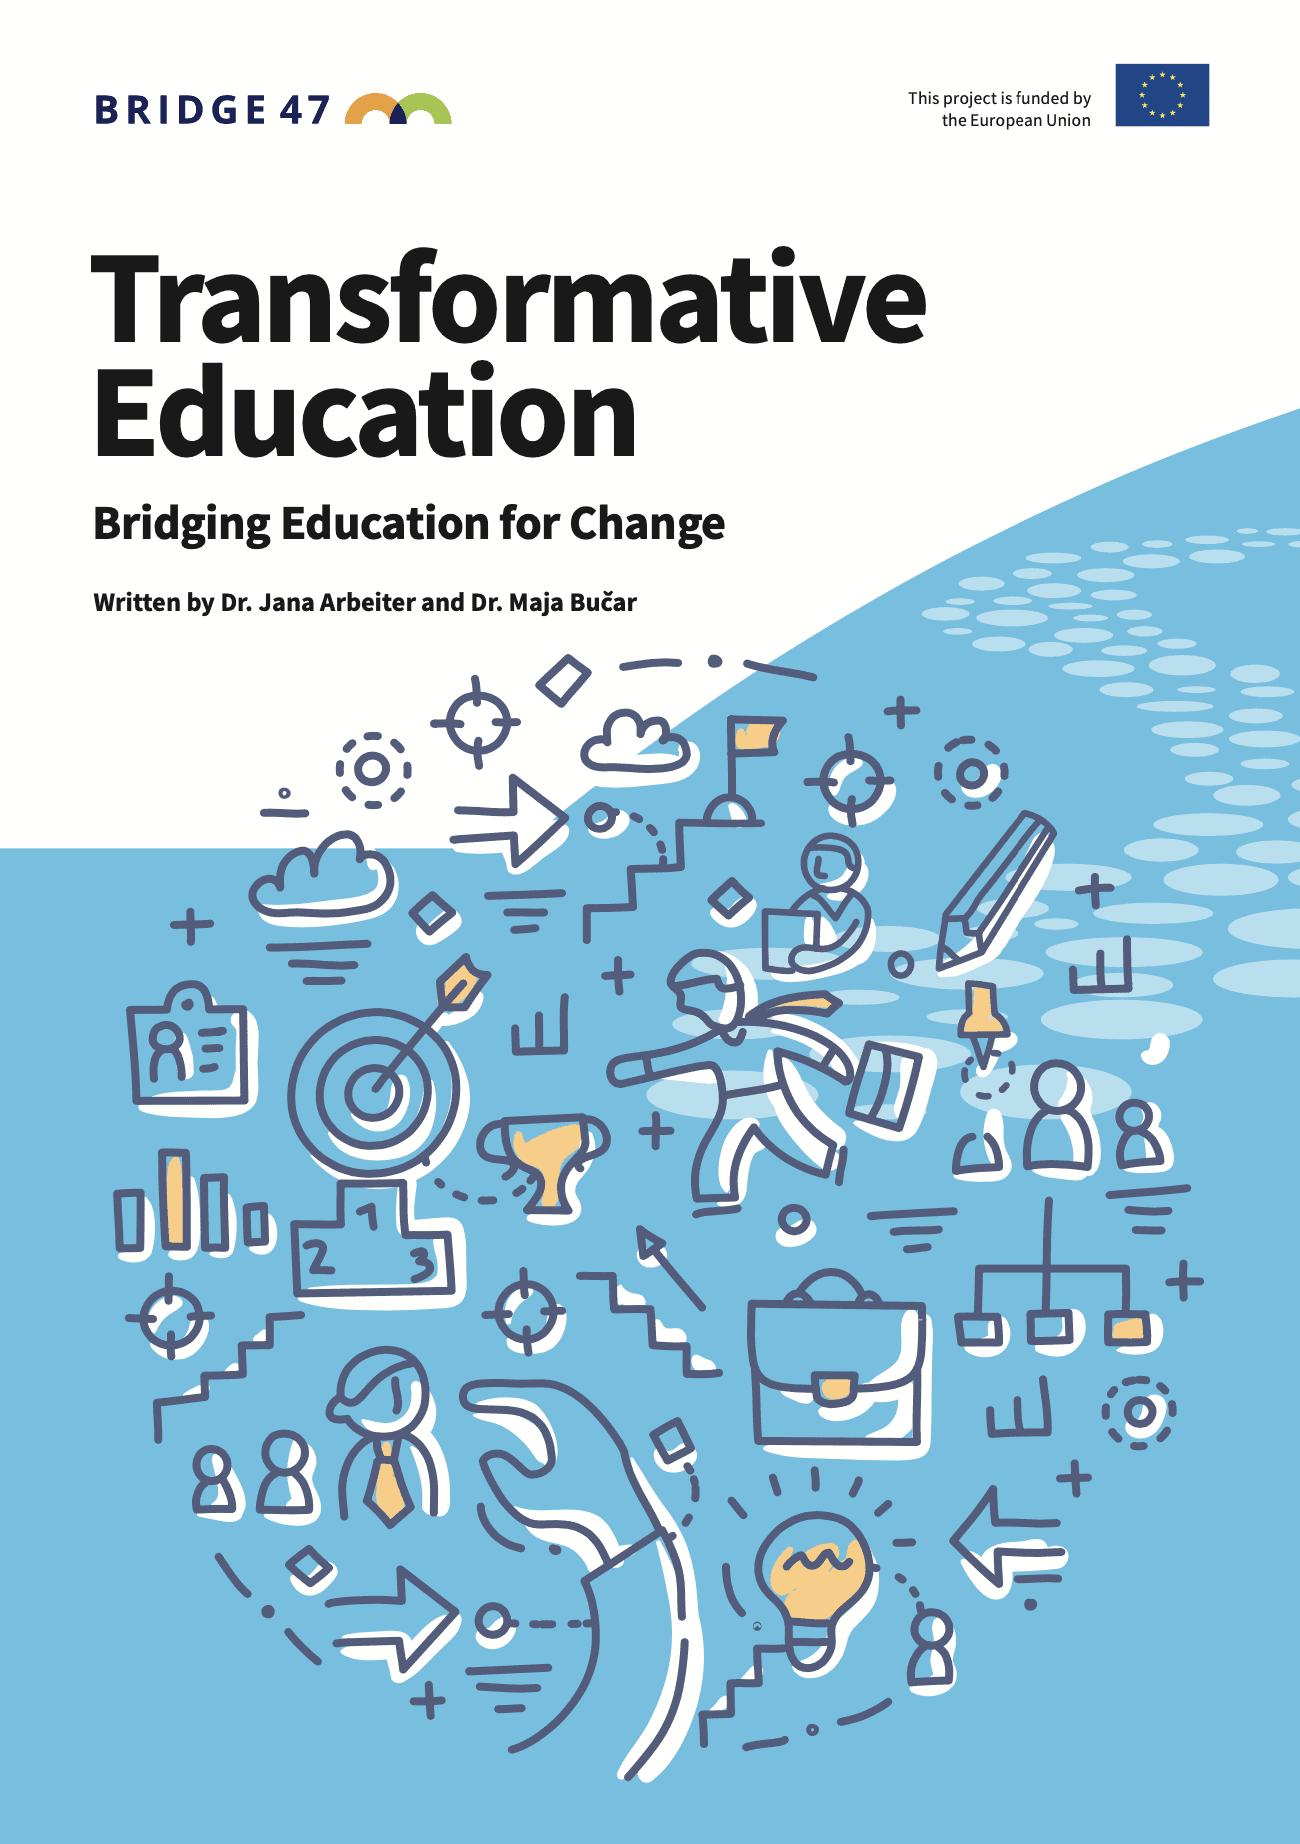 O transformativnem učenju v novi publikaciji Bridge 47